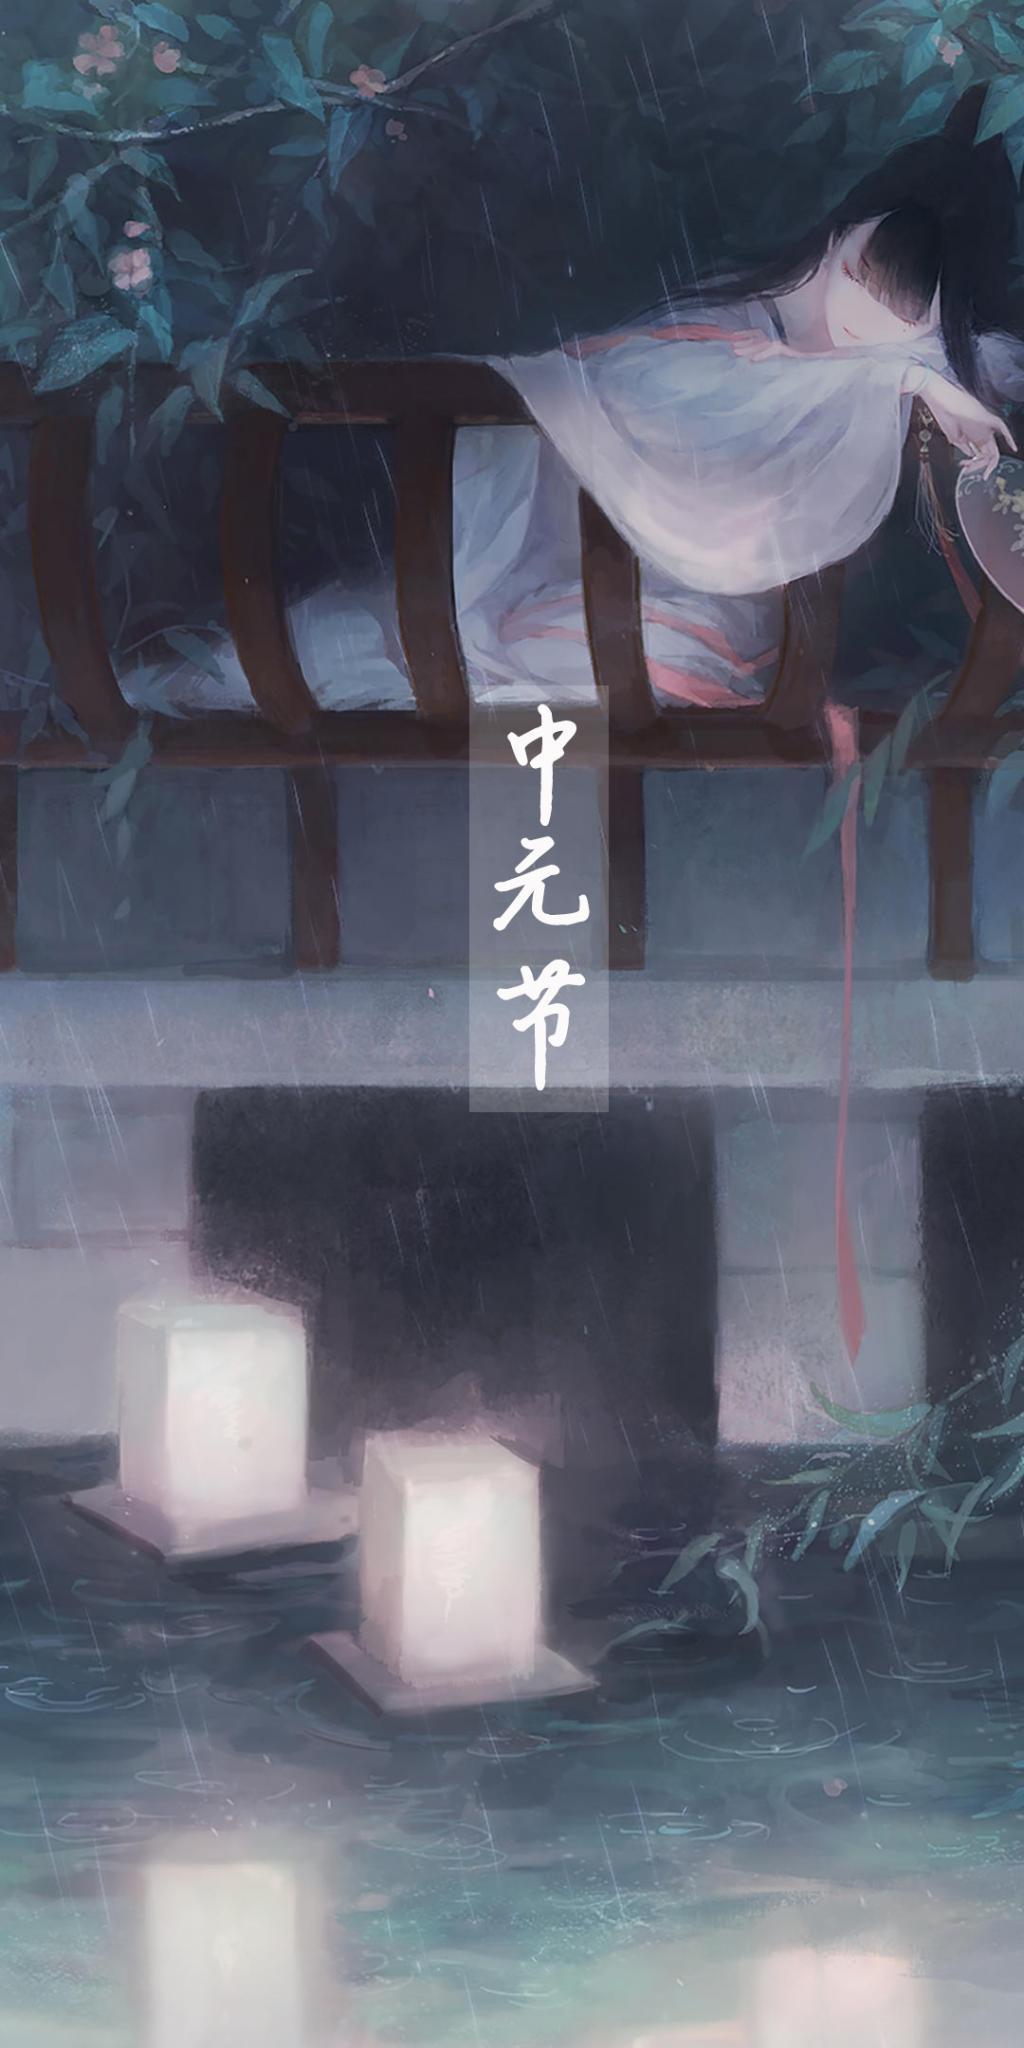 中国の伝統的な祭りのラインの壁紙 盂蘭盆 ロック画面の画像 Hdの携帯電話の壁紙 休日 壁紙